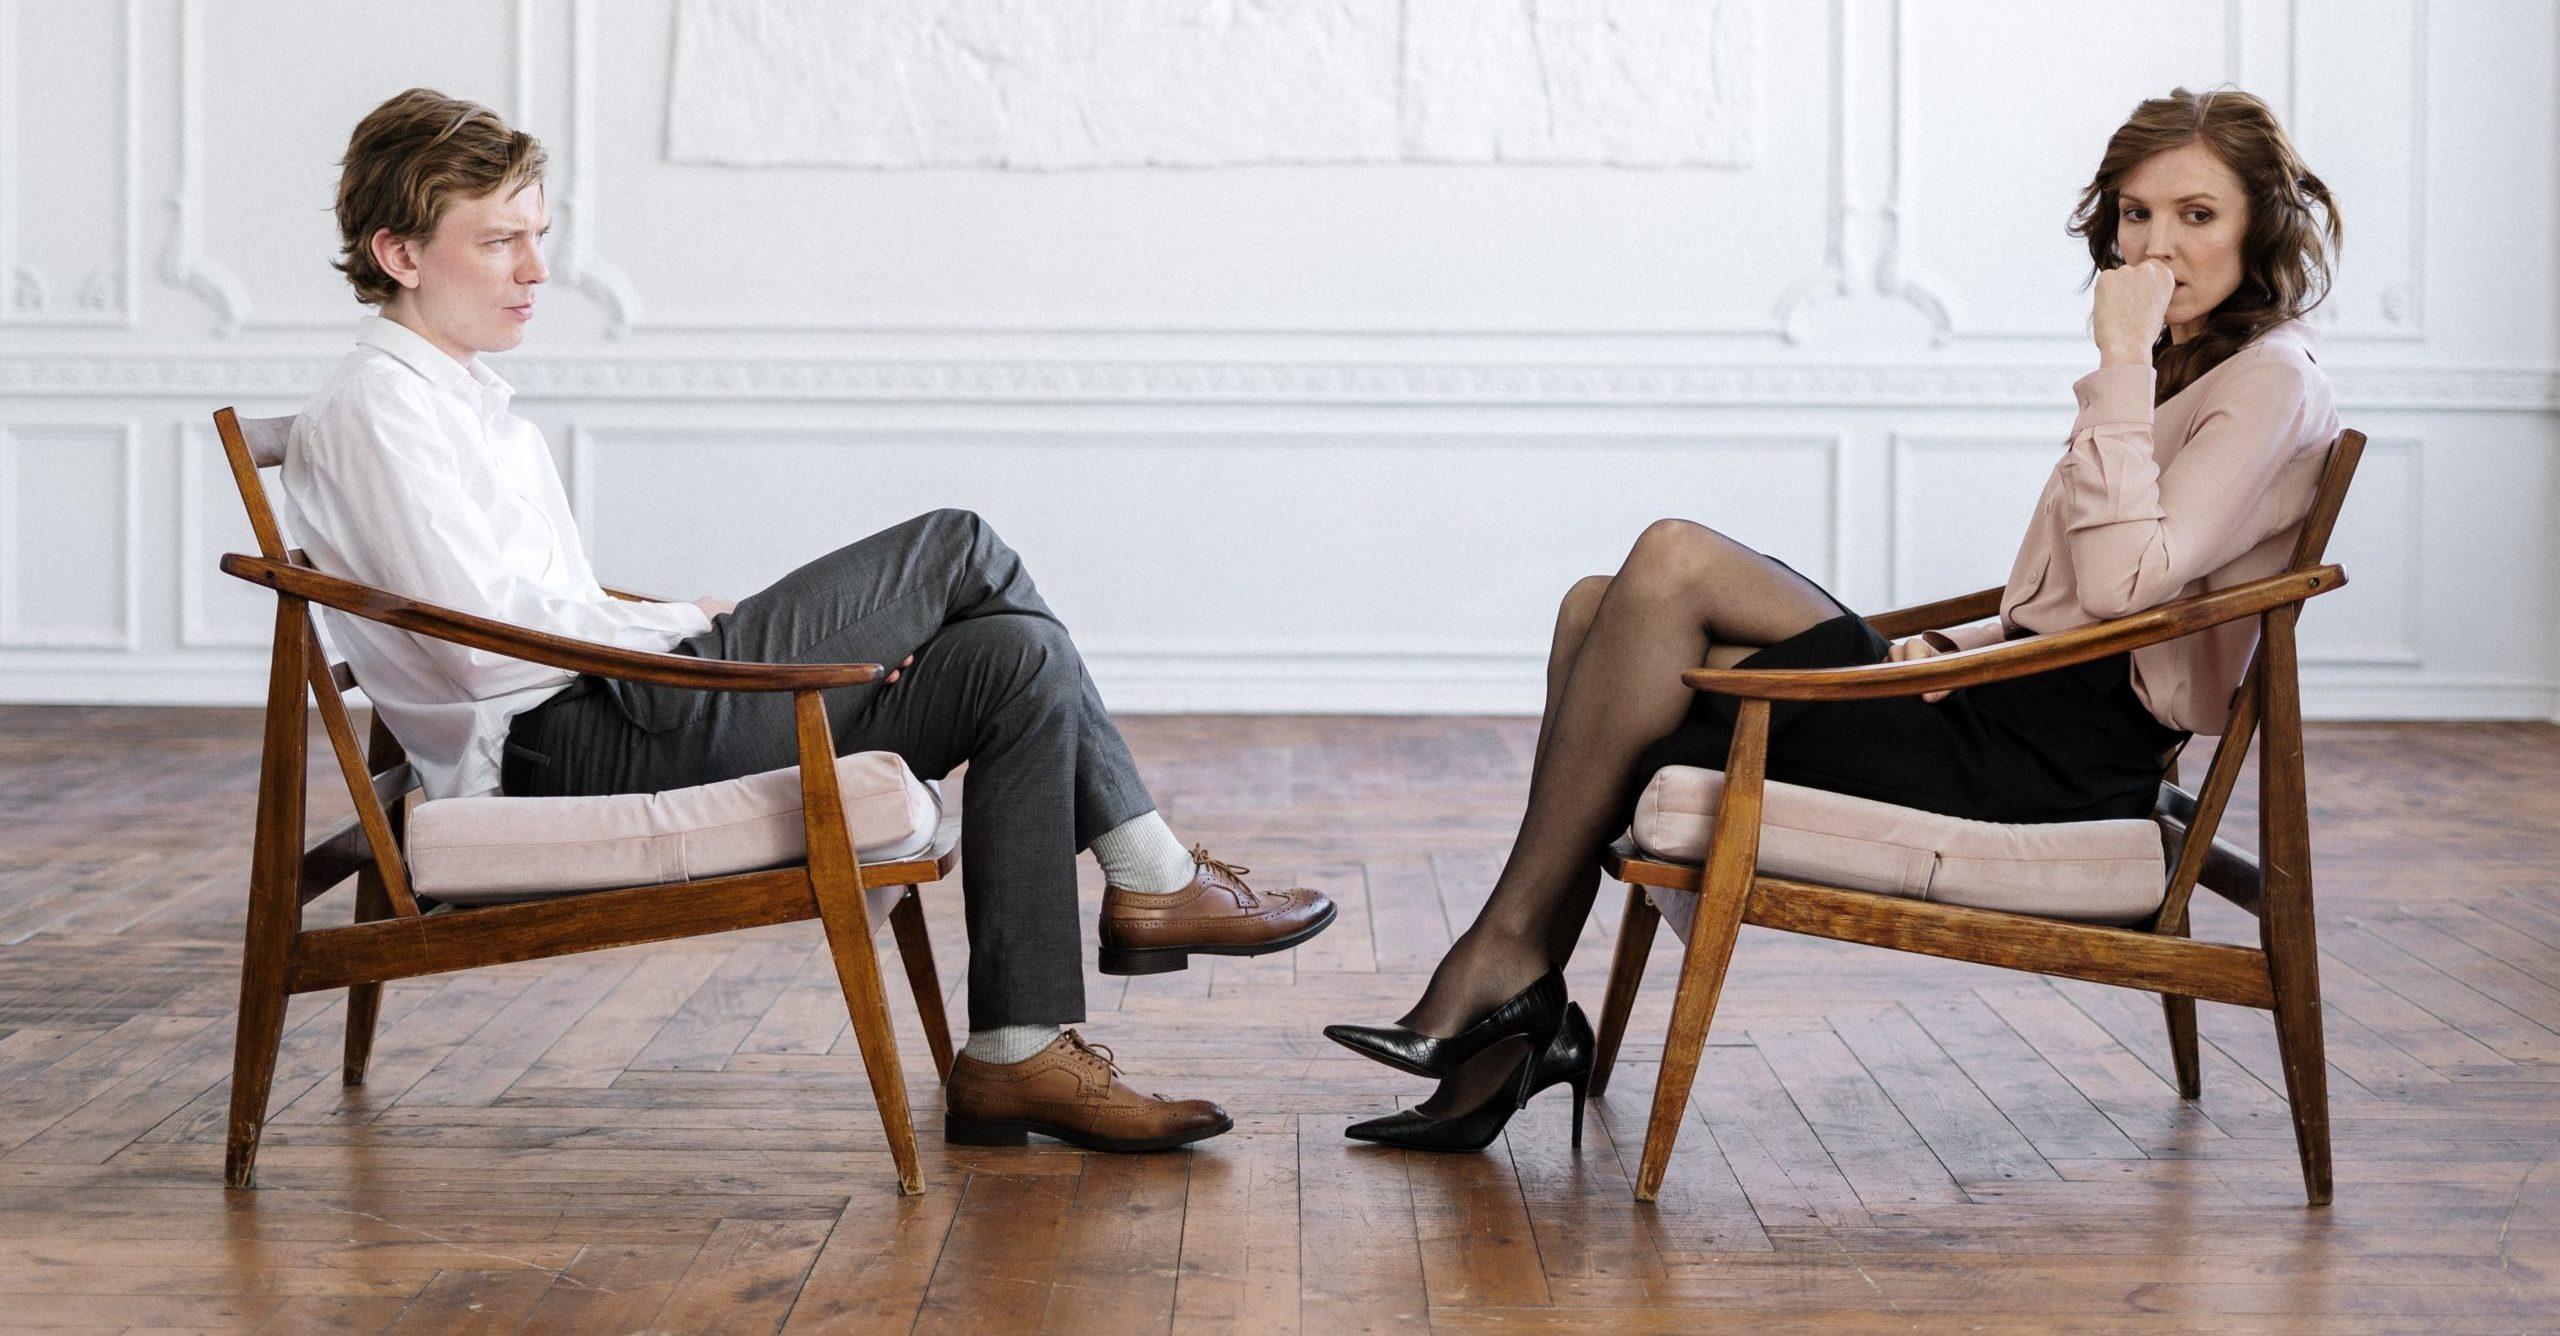 Mann und Frau im Bett, beide haben keine Lust auf Sex